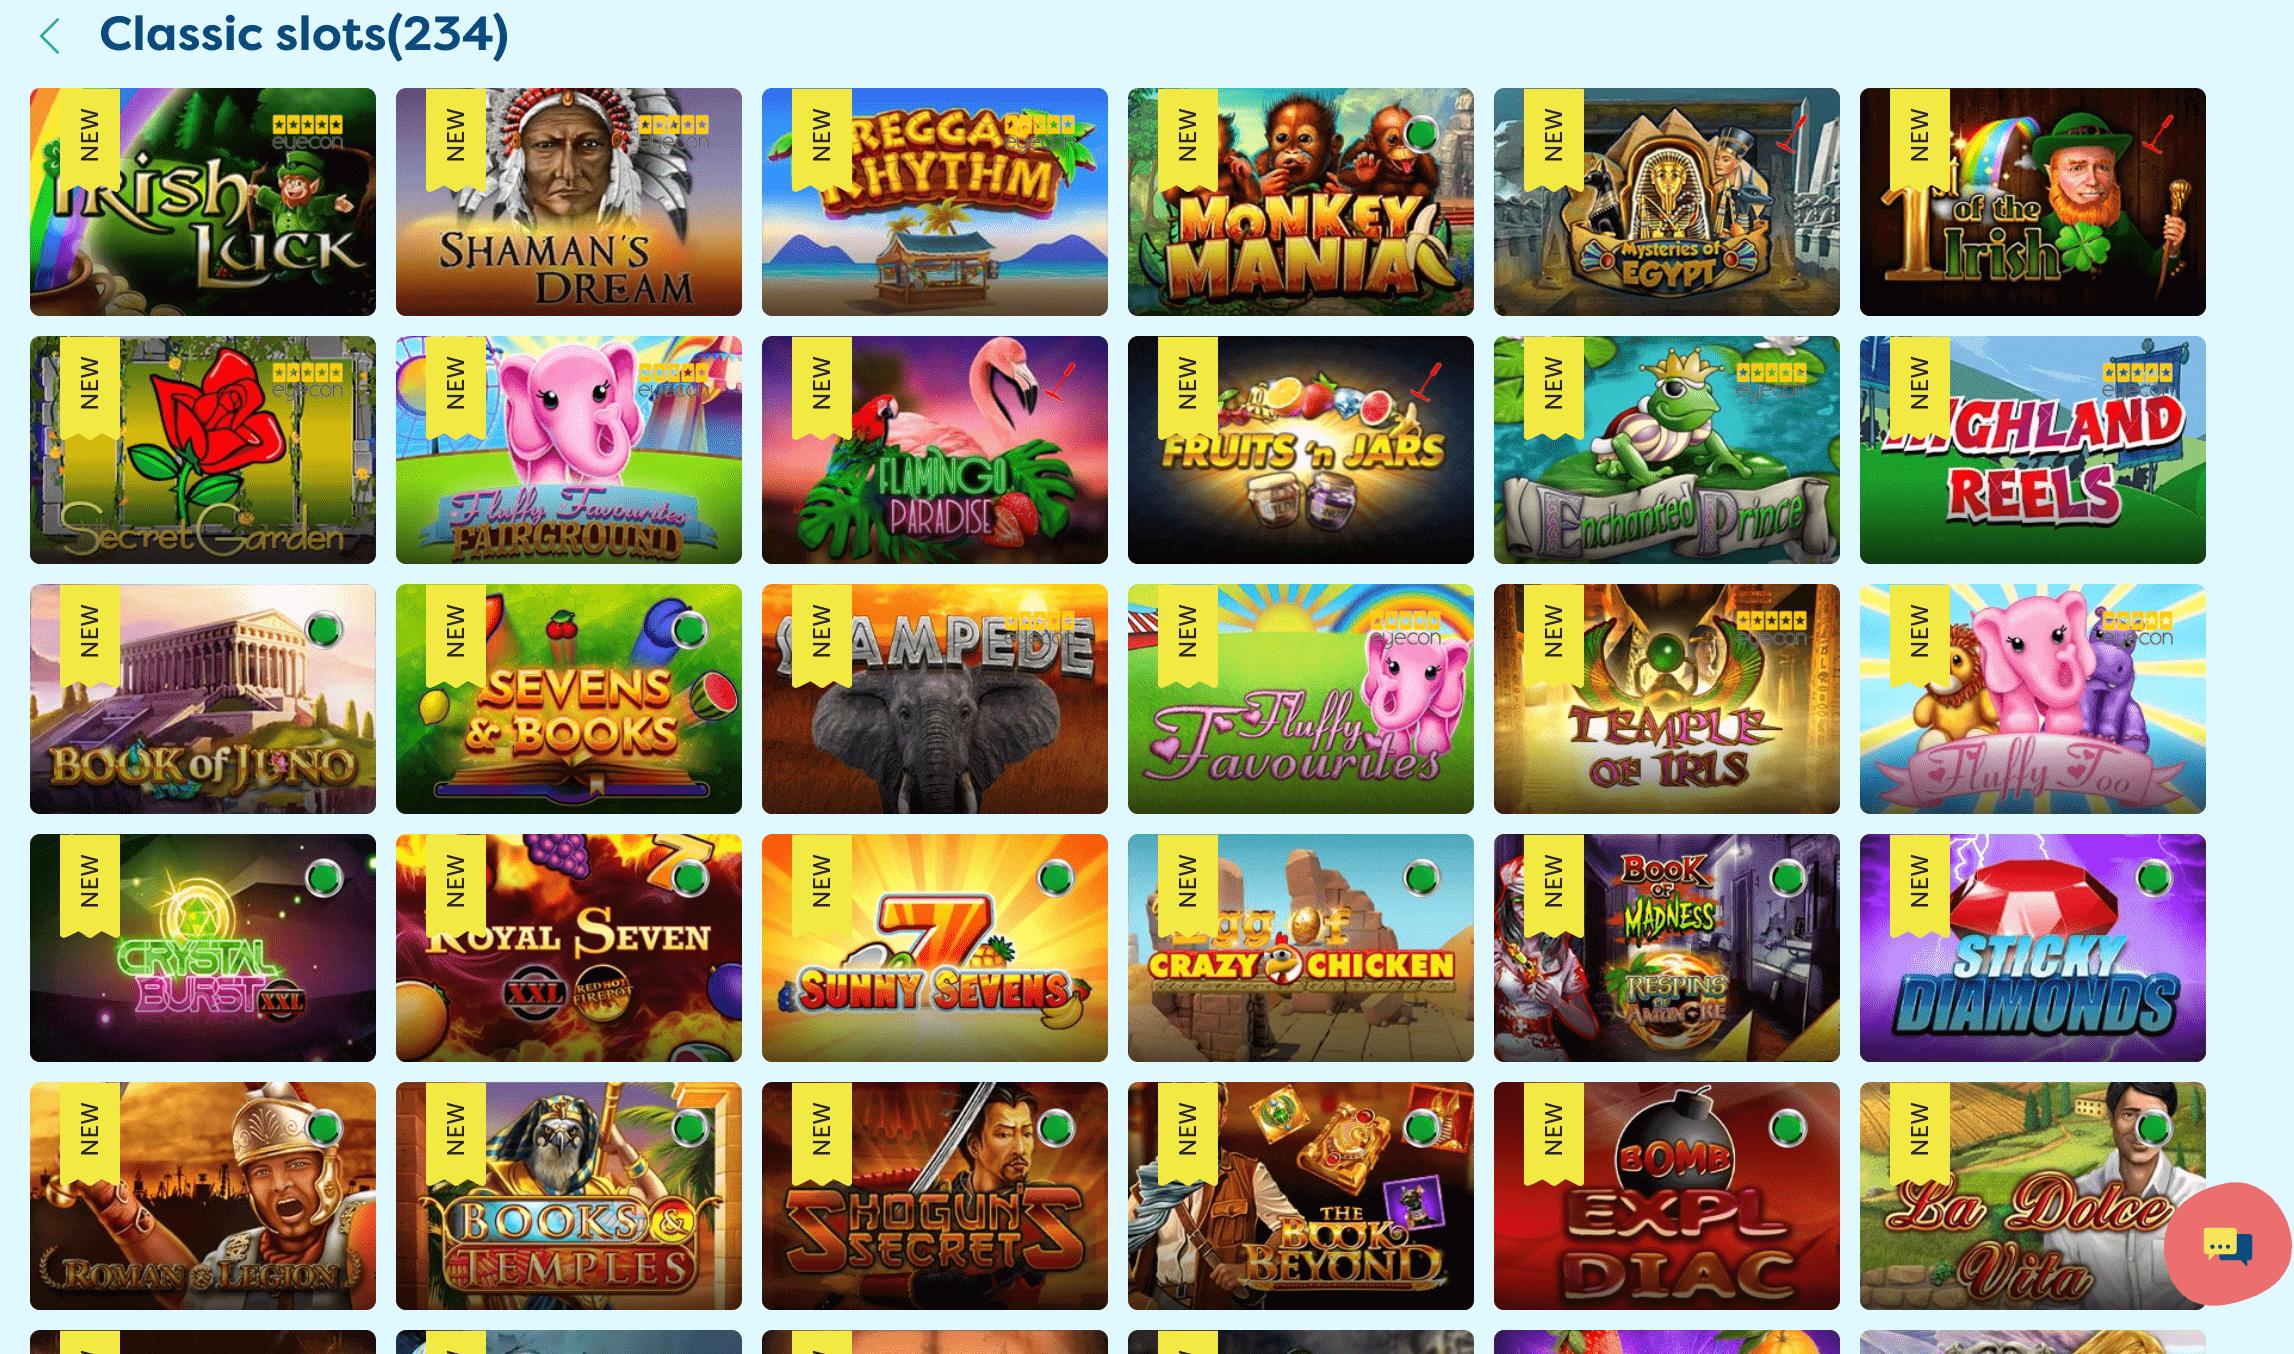 classic slots at playfrank